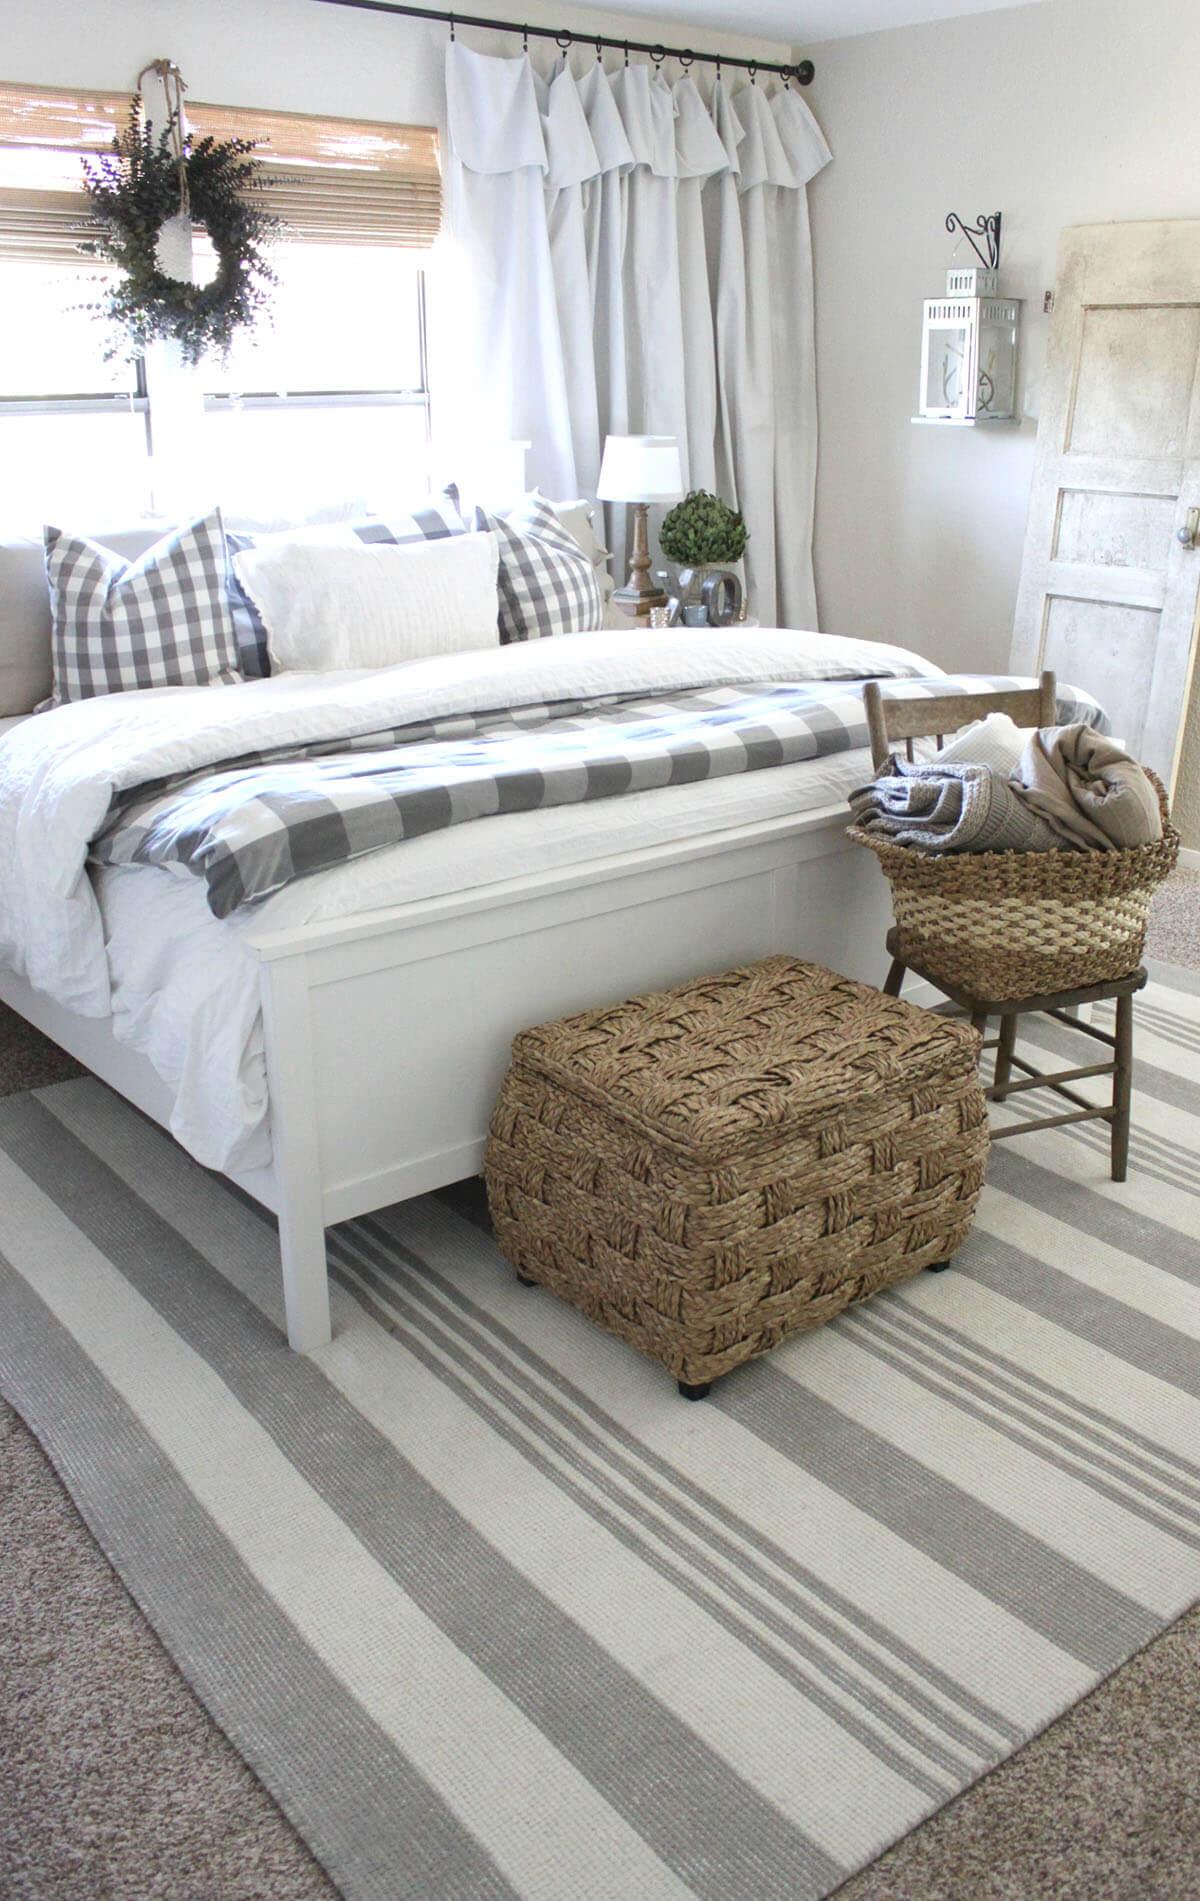 39 Best Farmhouse Bedroom Design and Decor Ideas for 2020 on Farmhouse Curtains Ideas  id=93313